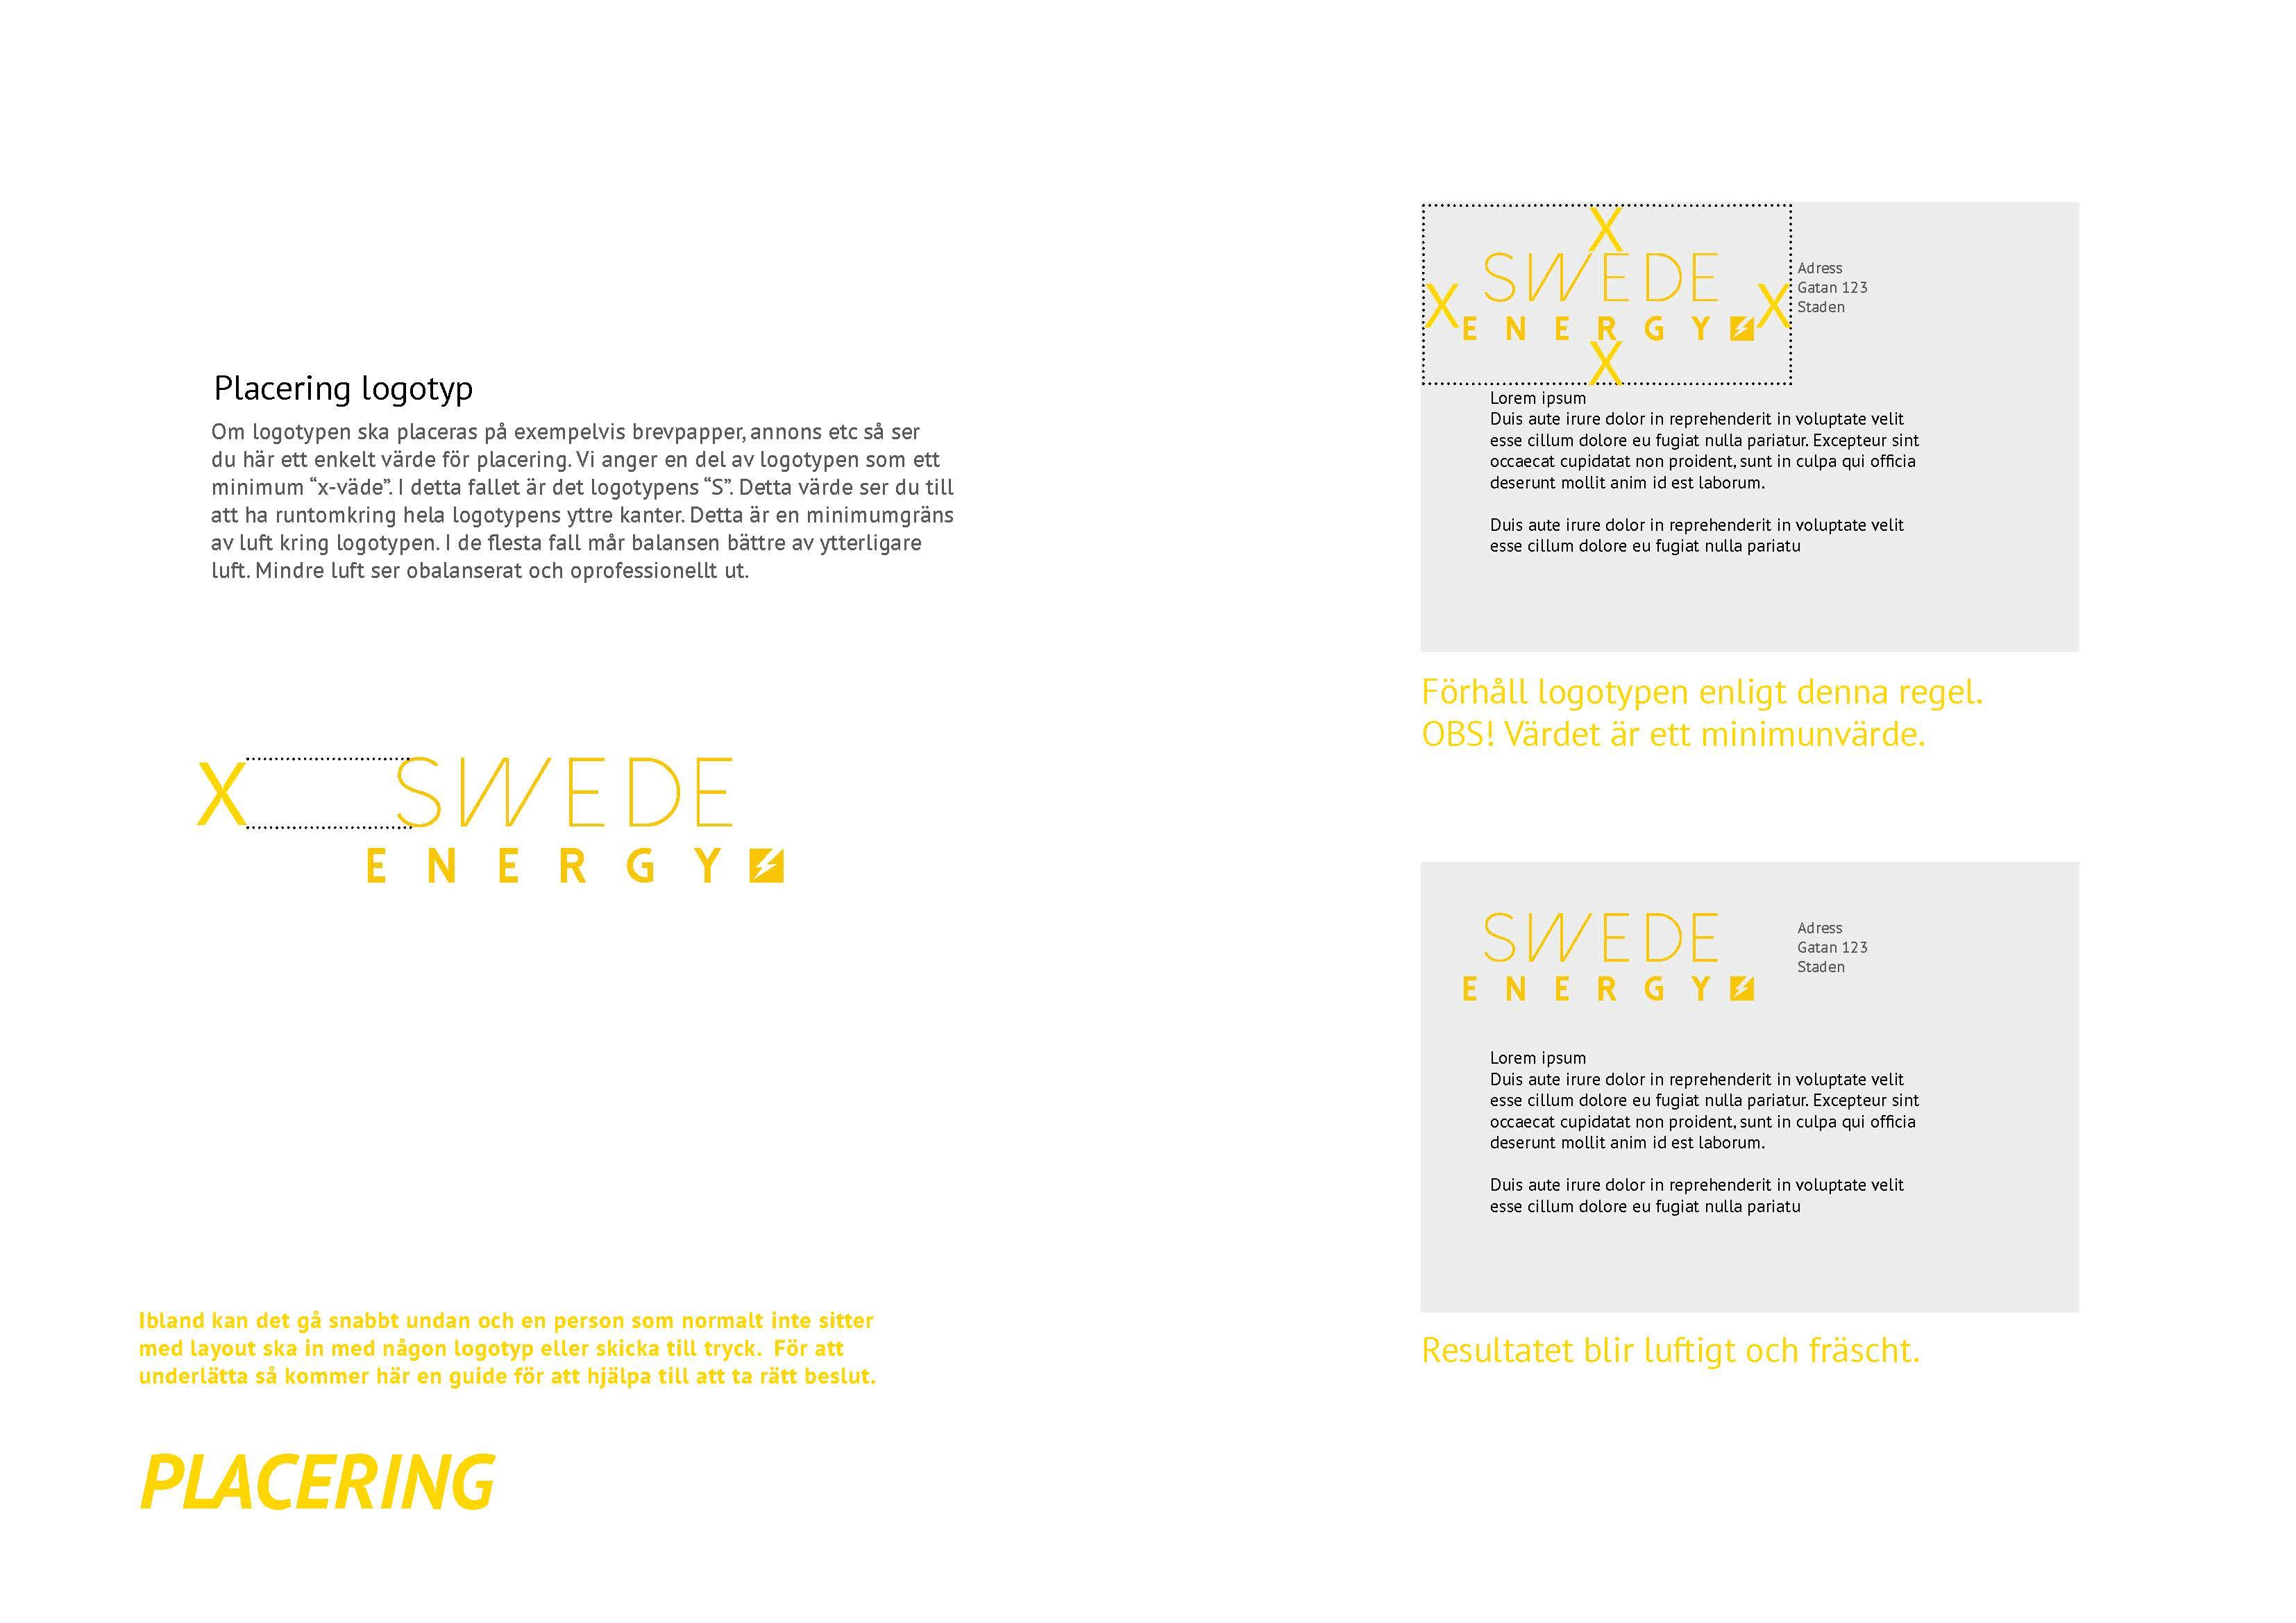 Swede Energy Varumärke & Profil 2014_Sida_12